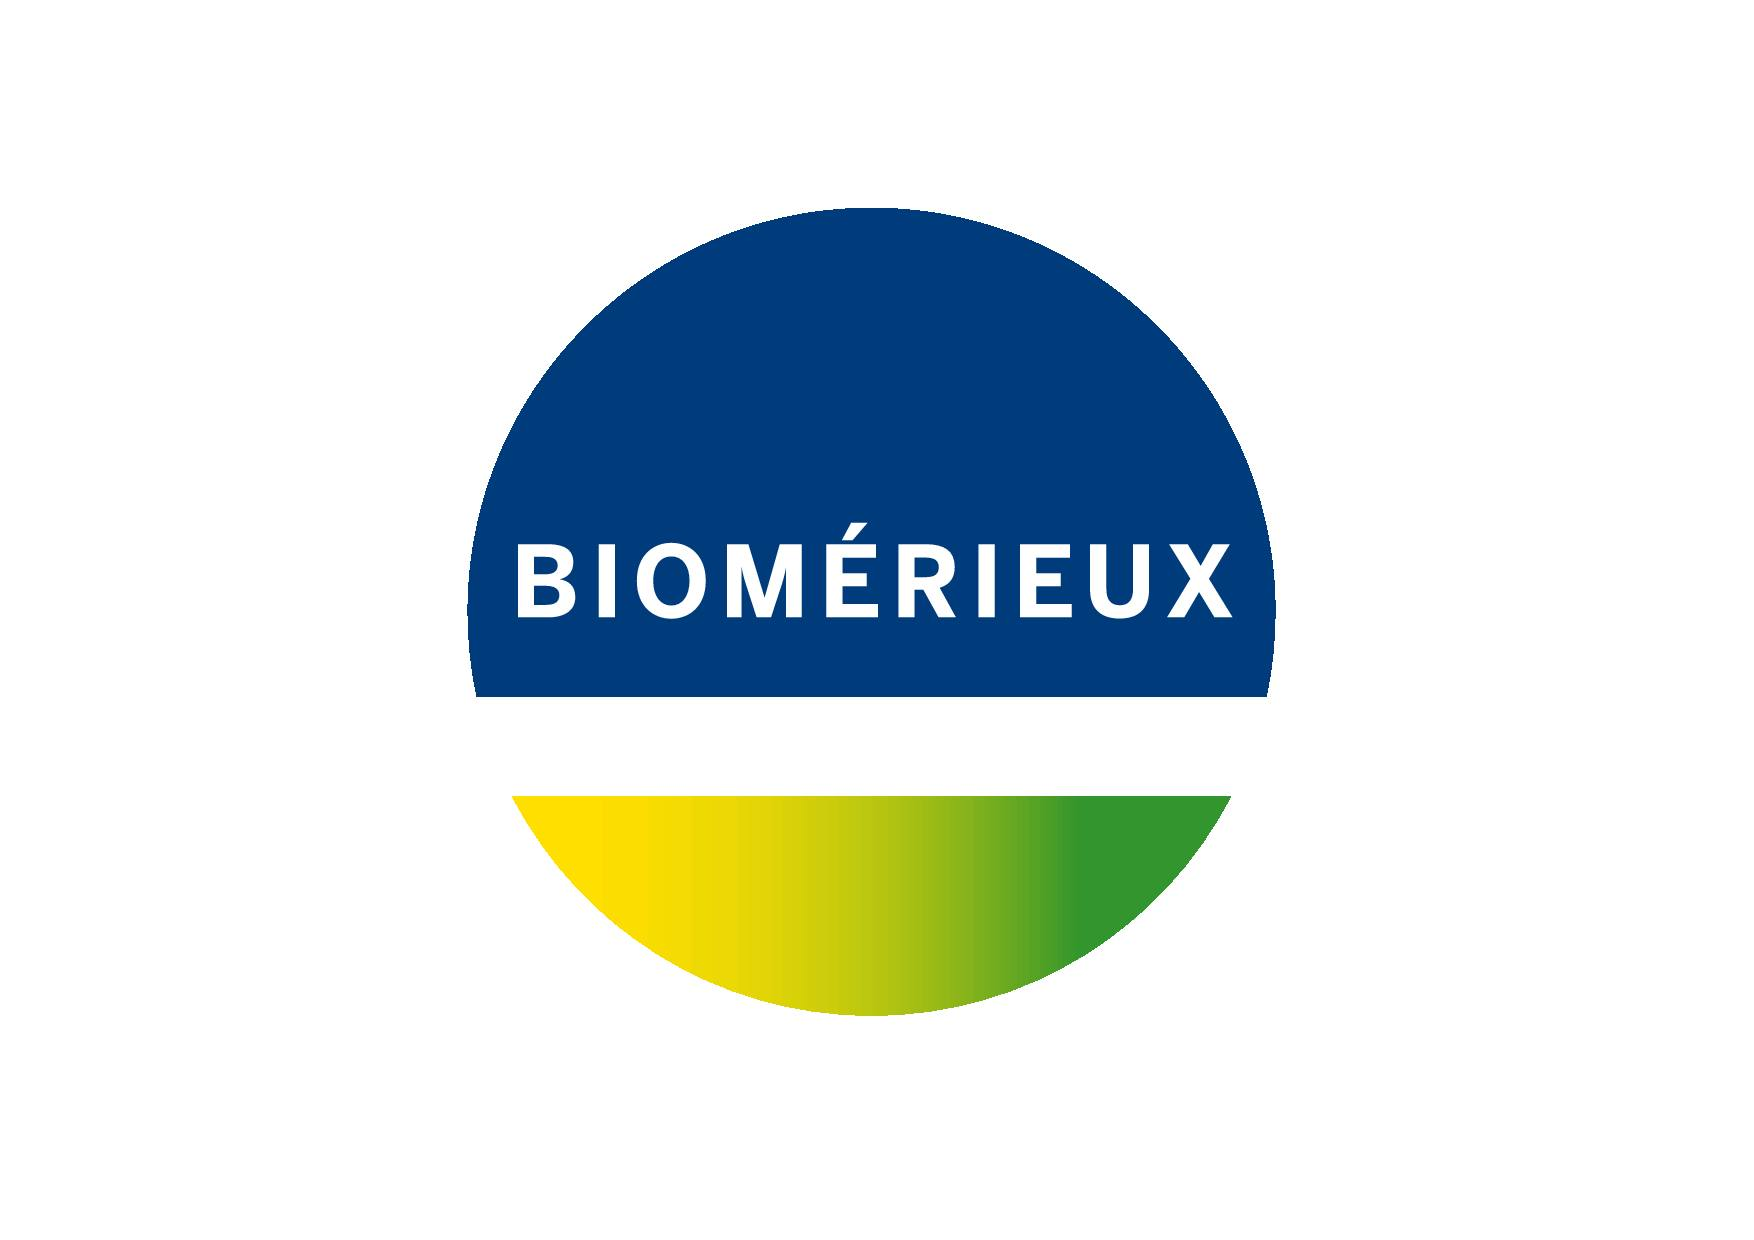 Logo-bioMerieux.-jpg.jpg